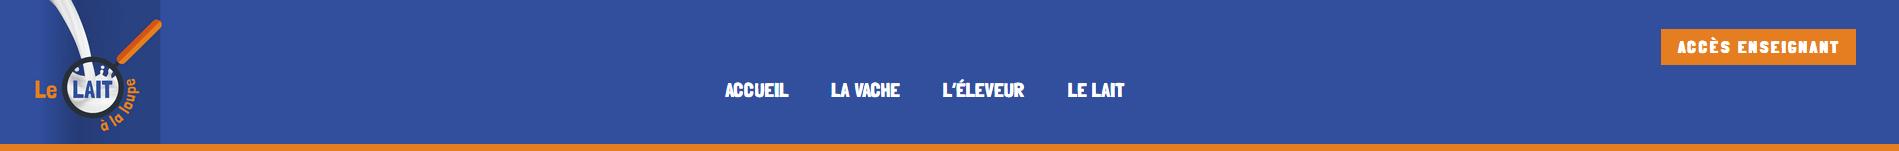 le-lait-a-la-loupe-menu